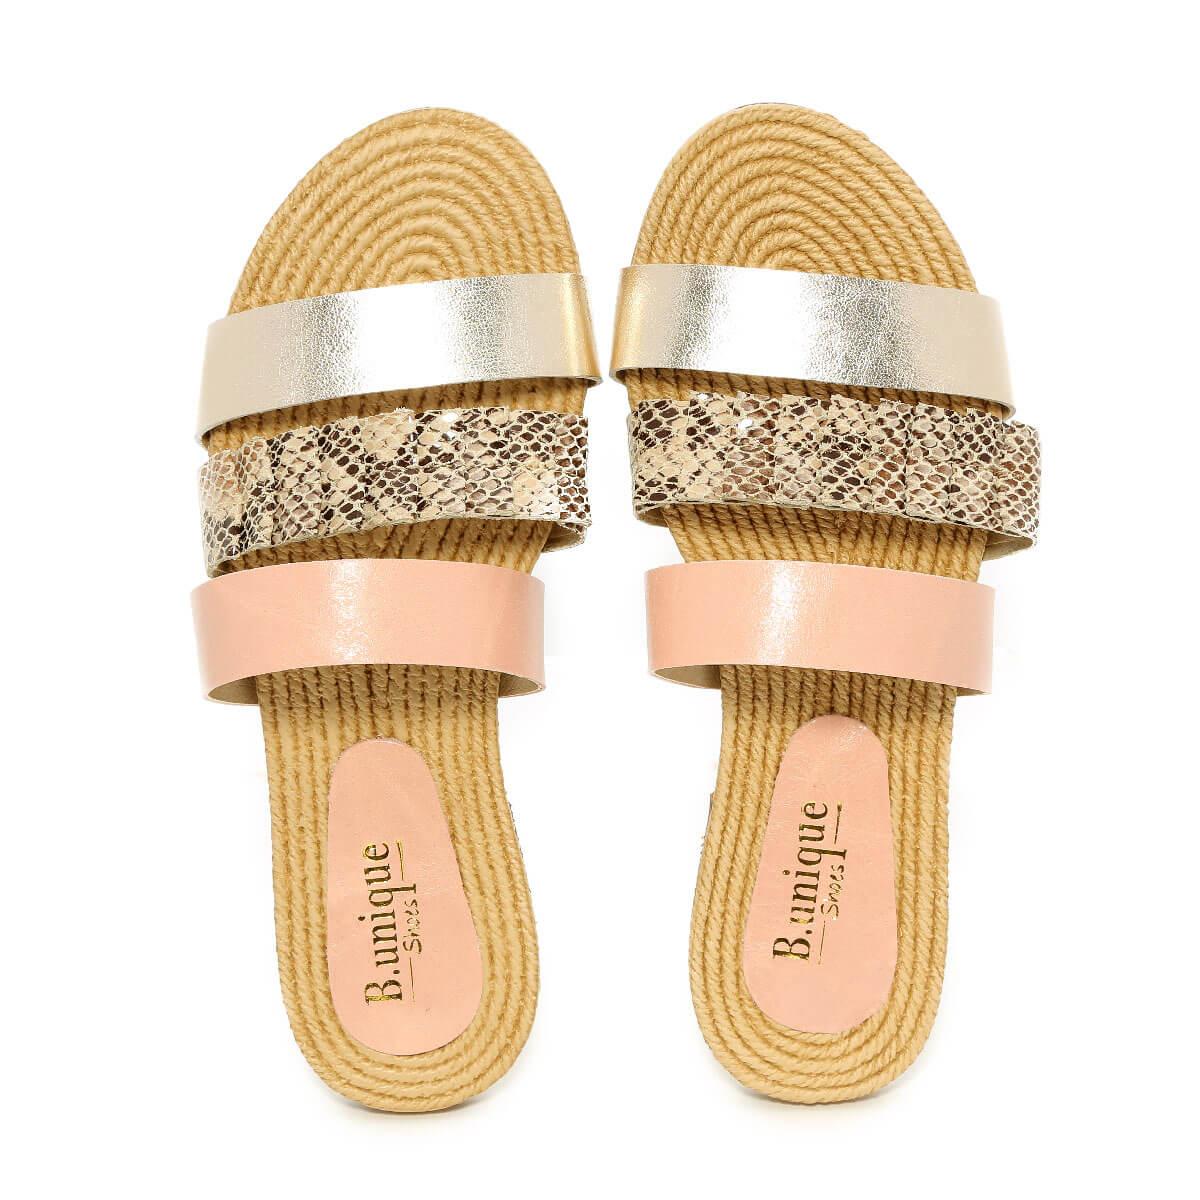 דגם נויה: נעליים בצבע ורוד